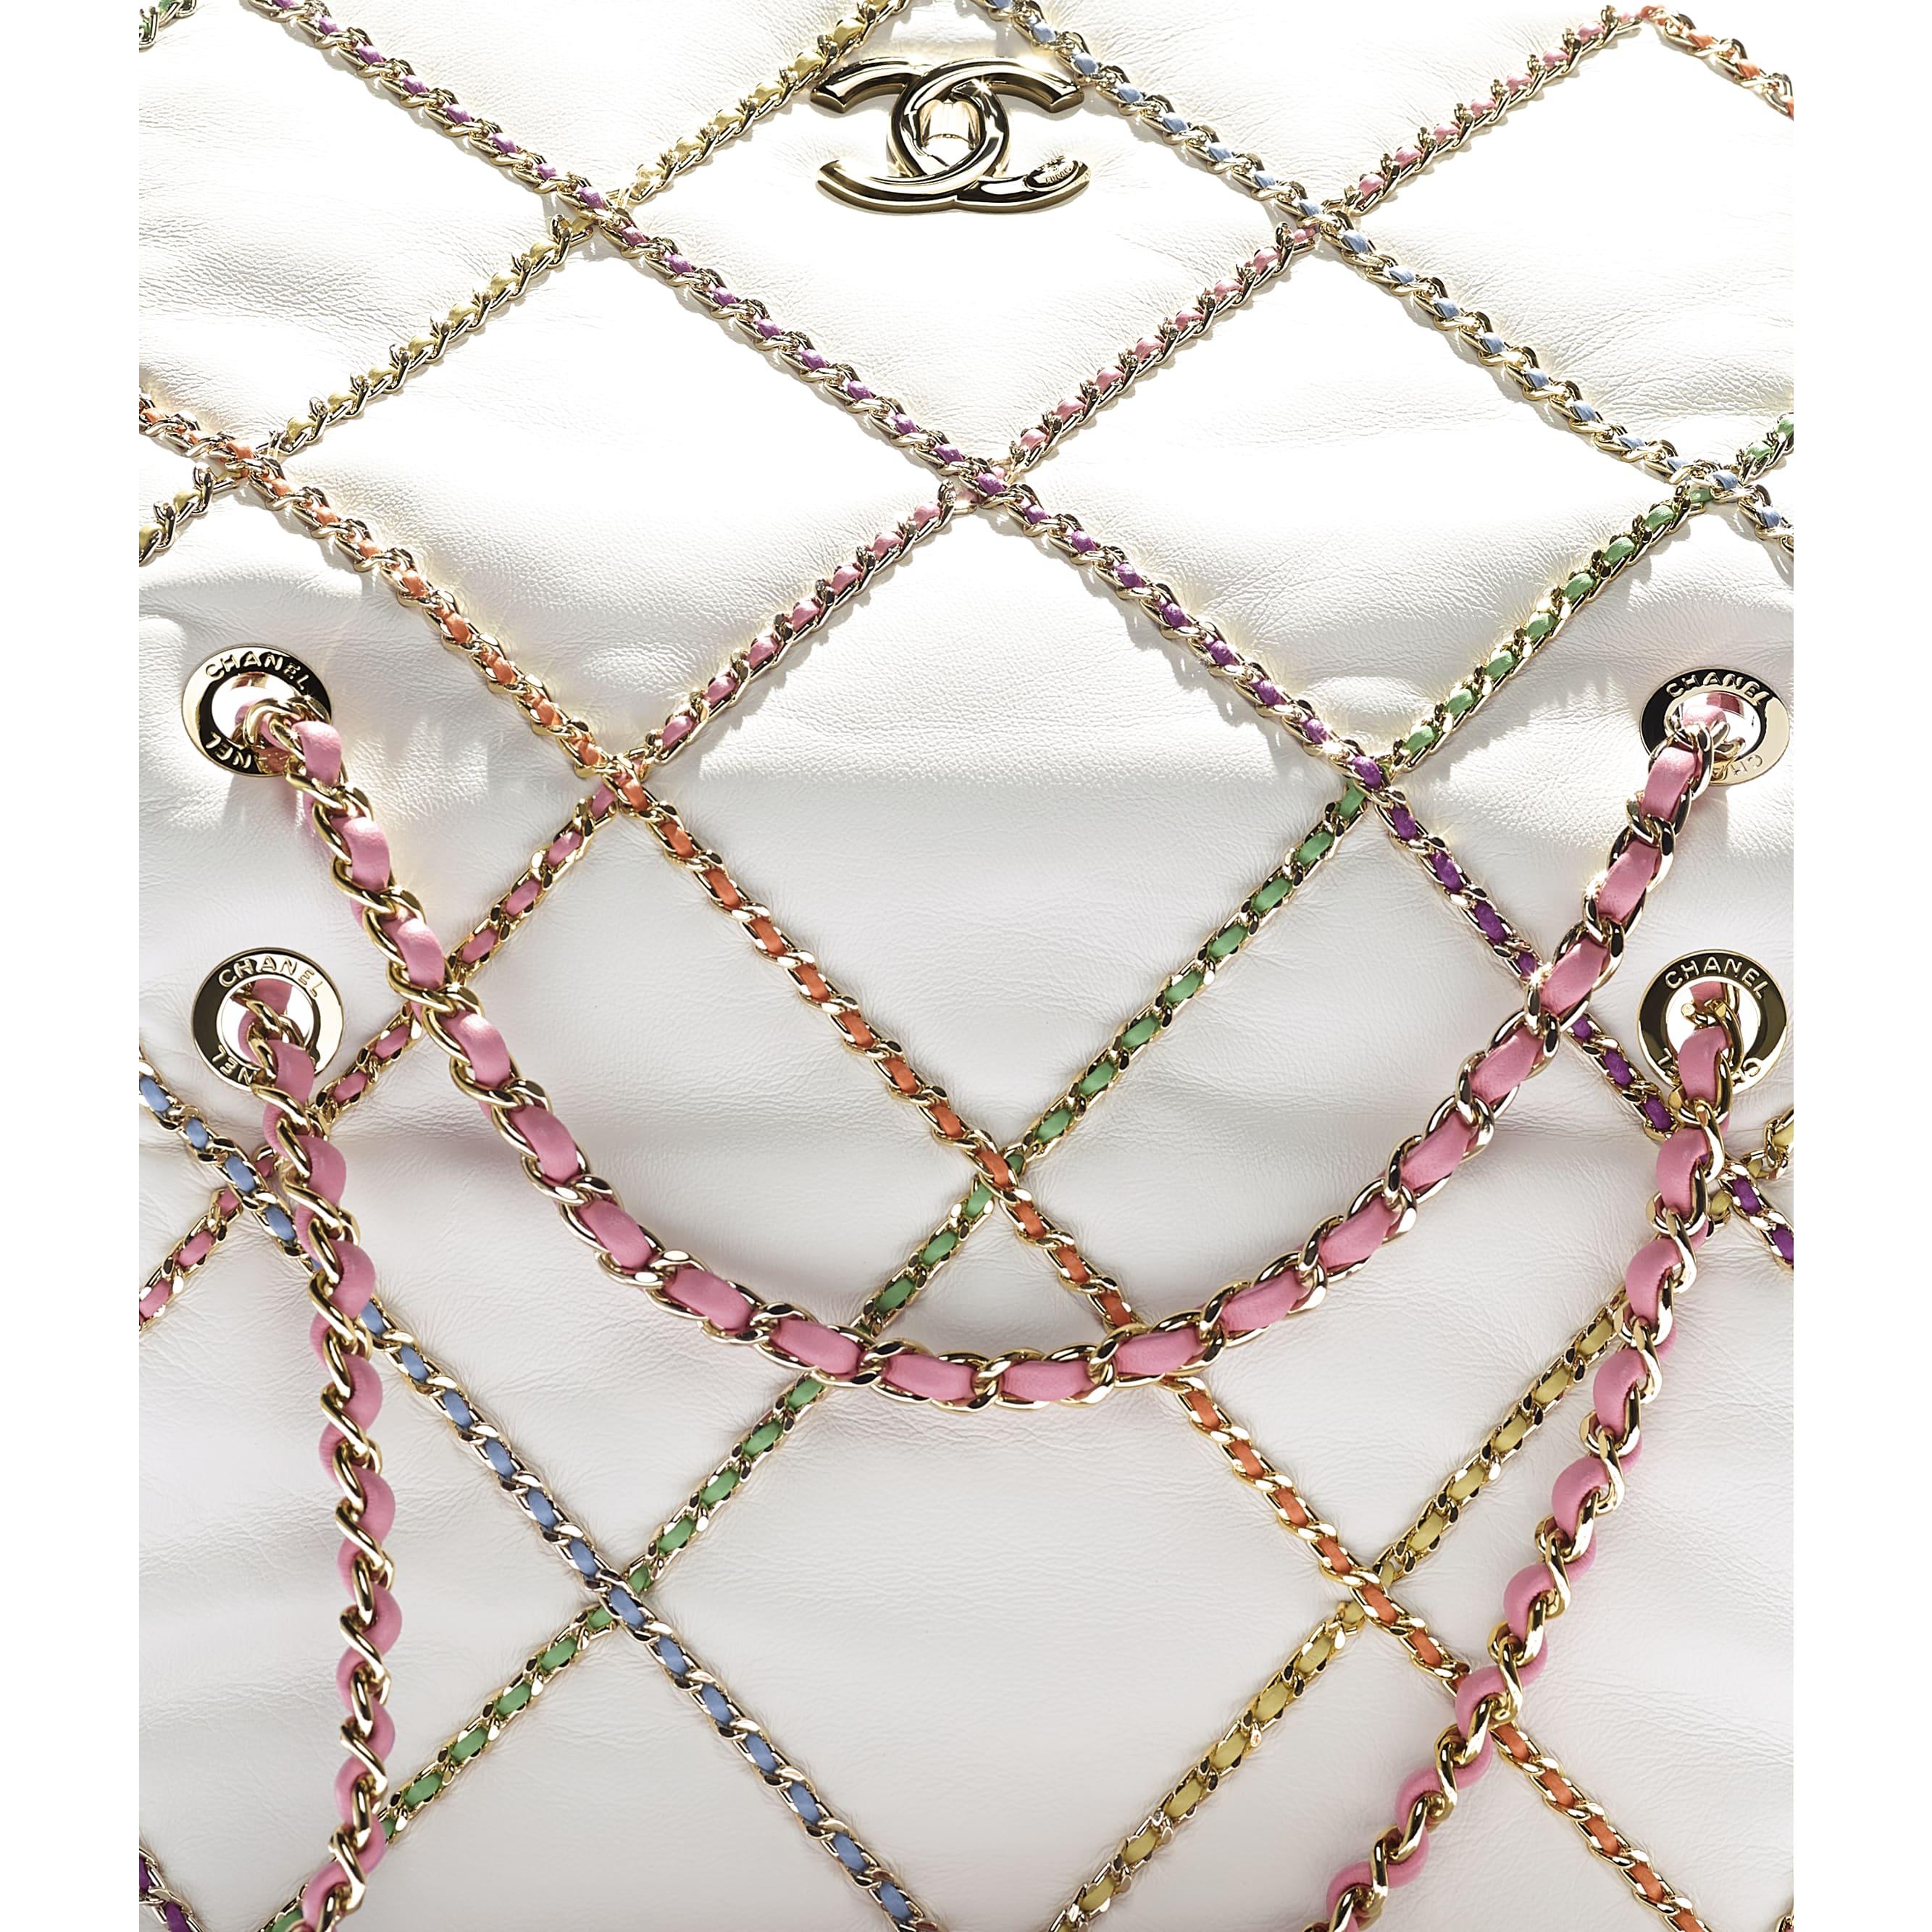 Torba z klapką - Kolor biały i wielobarwny  - Skóra jagnięca i złoty metal - CHANEL - Dodatkowy widok – zobacz w standardowym rozmiarze